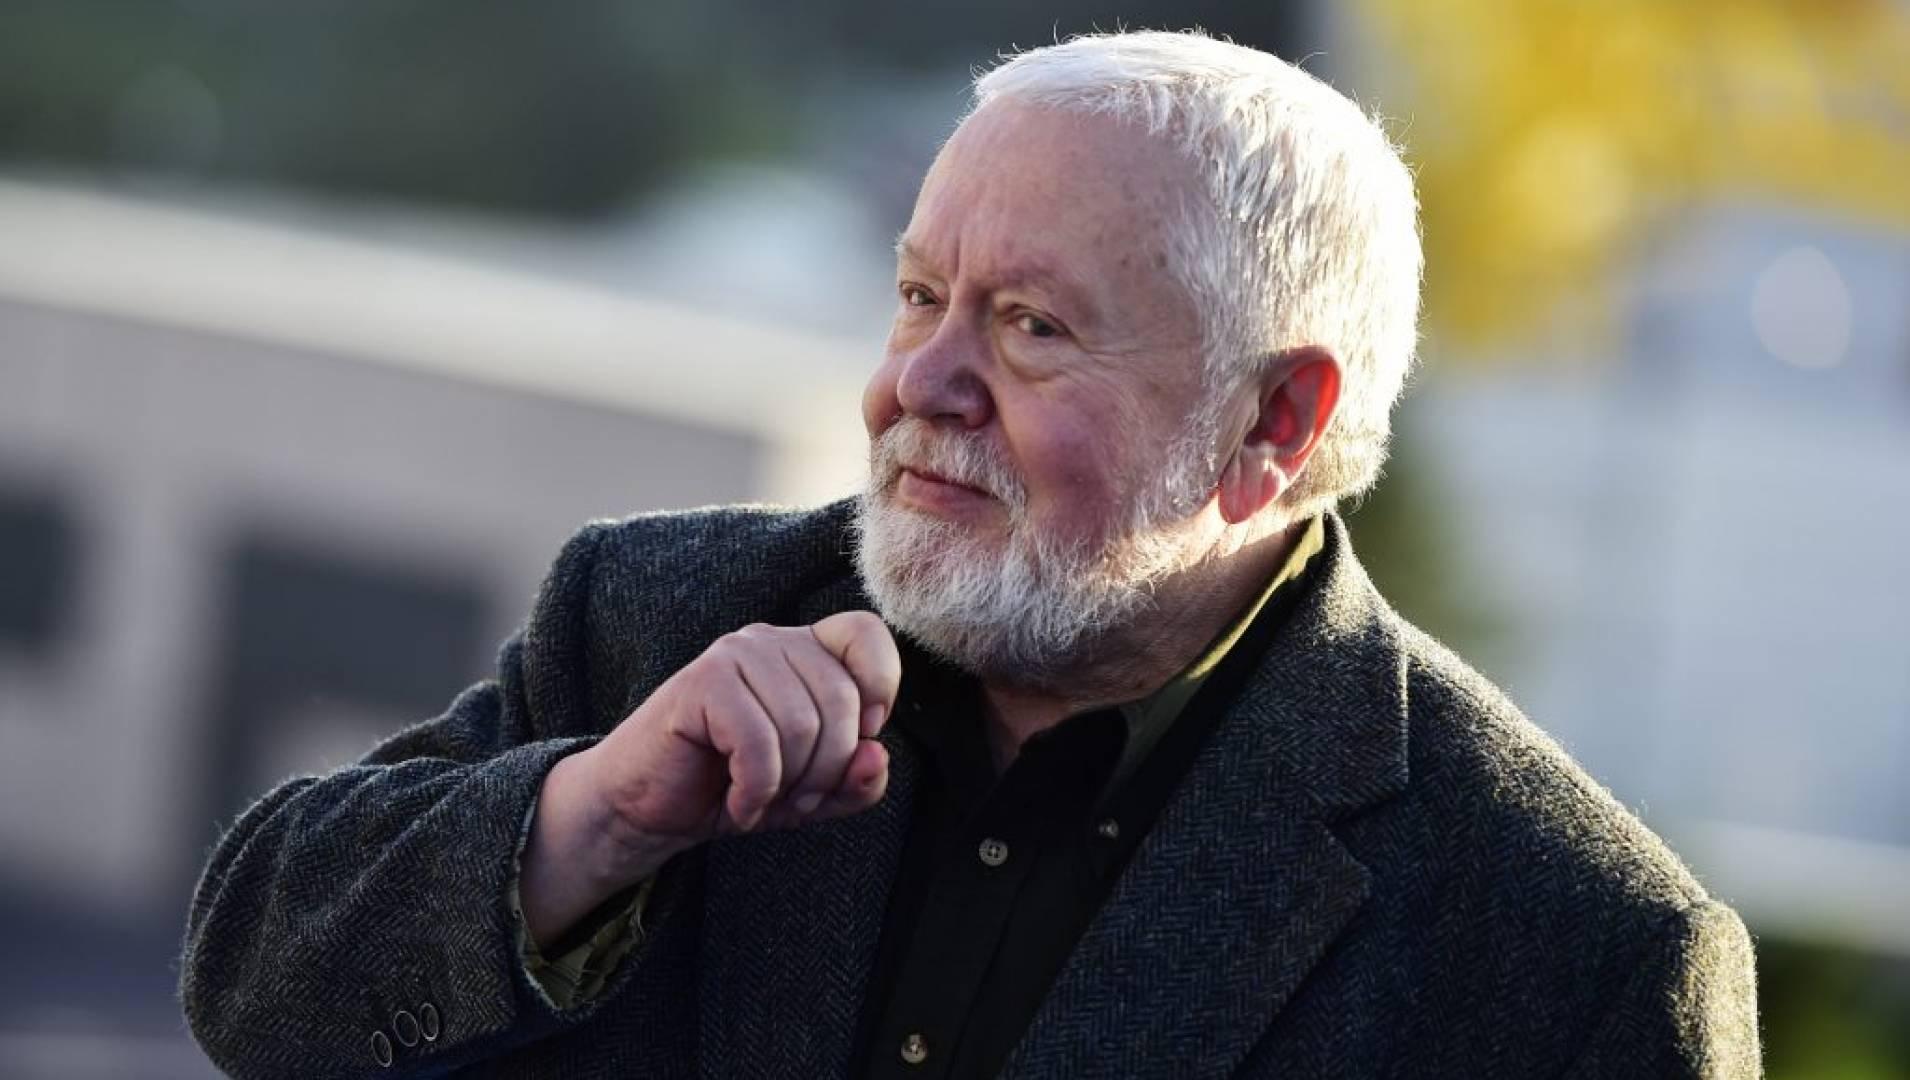 Сергей Соловьёв. АССА - пароль для своих - Документальный фильм